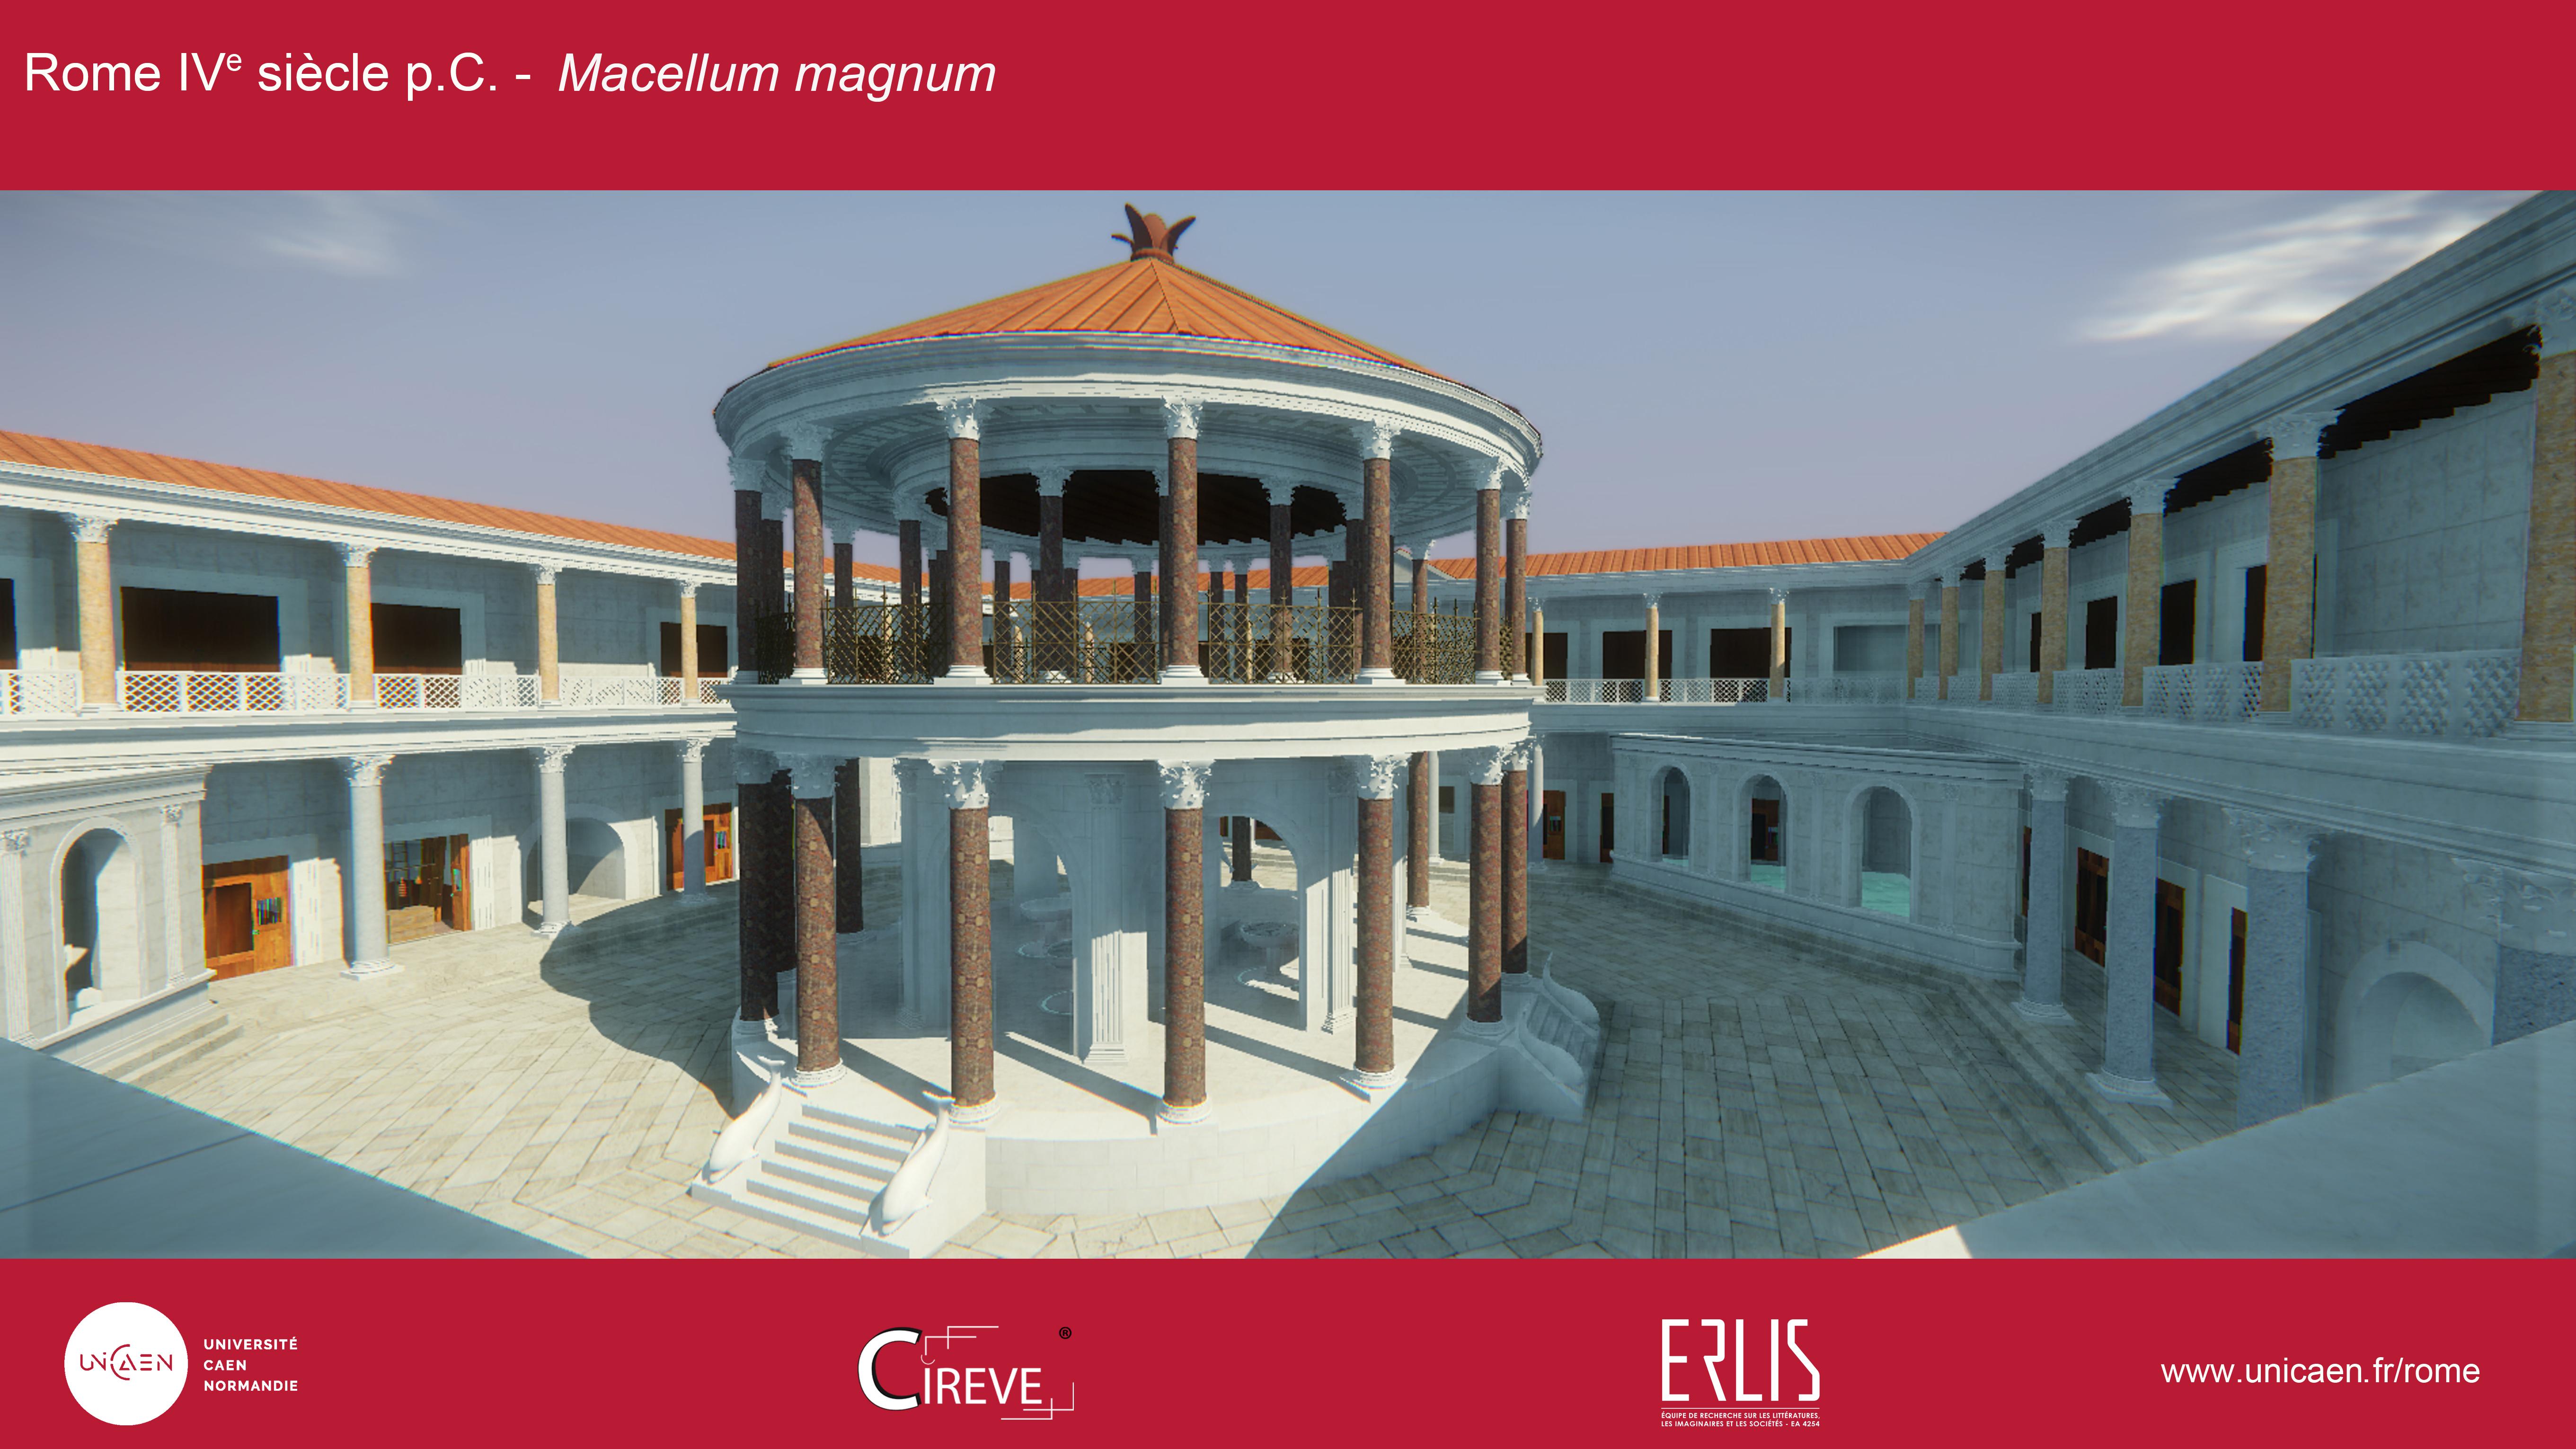 Macellum Magnum